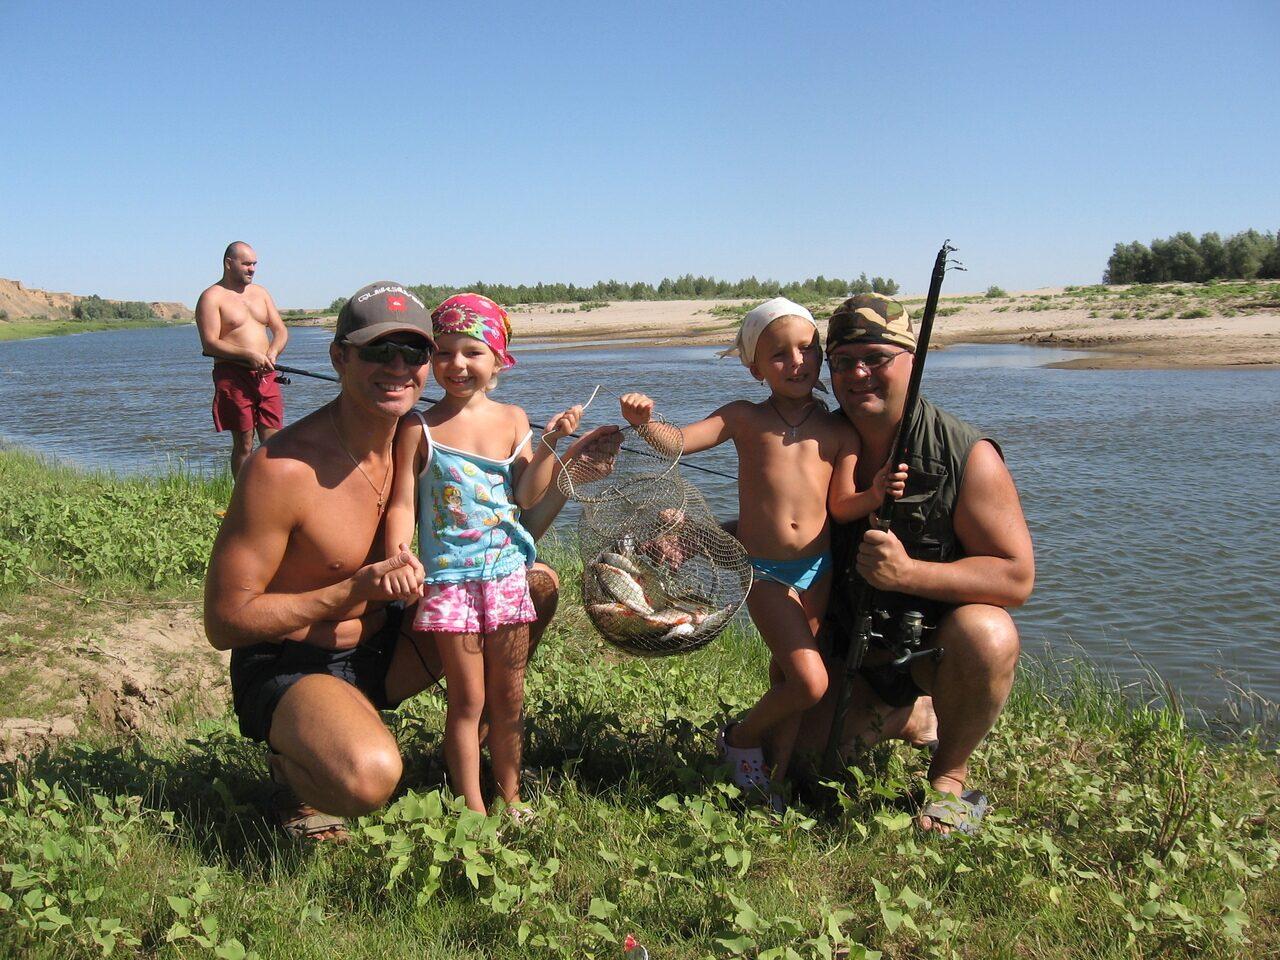 семейный отдых на рыбалке видео